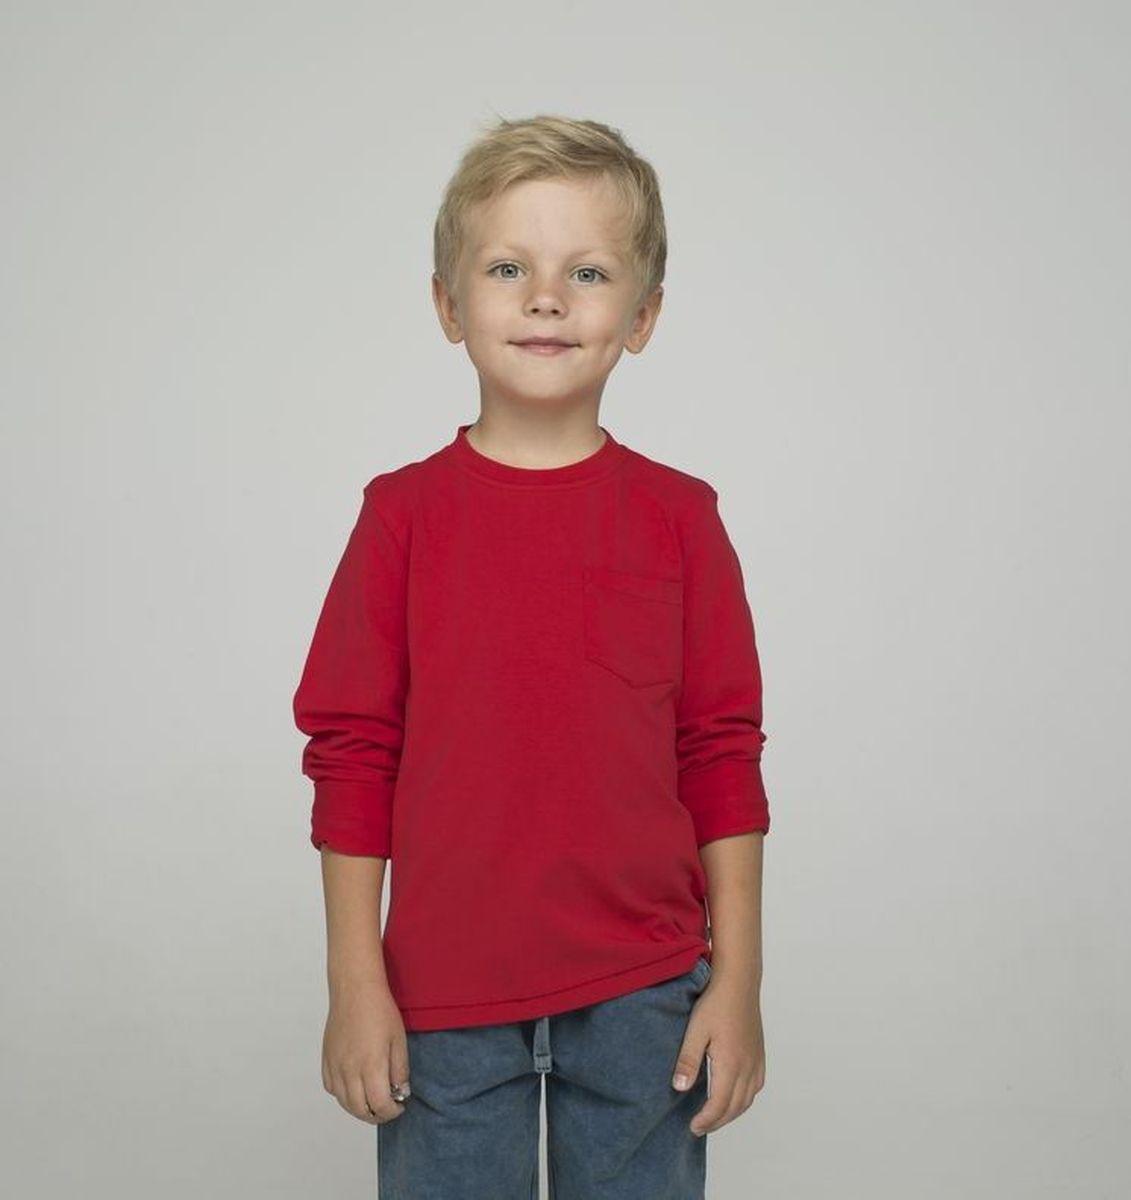 джемпер для мальчика let s go монстры цвет ярко голубой 6257 размер 98 Джемпер Kogankids